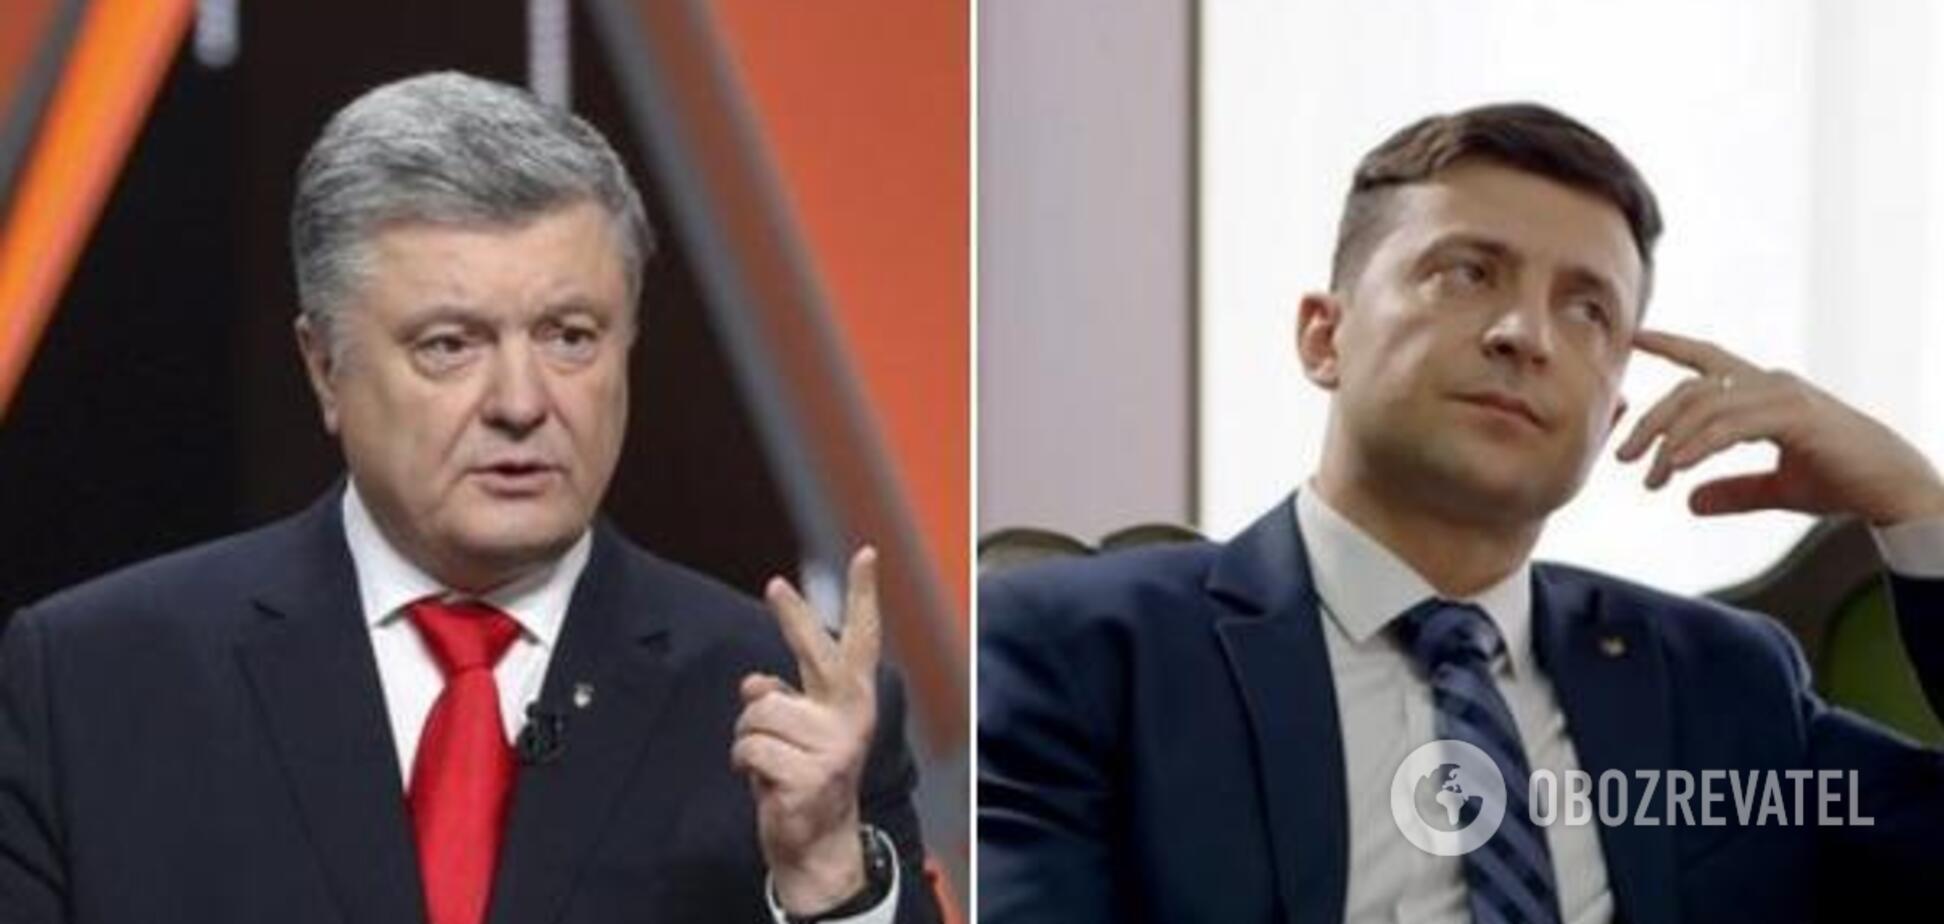 Членство Украины в НАТО: эксперт сравнил программы Порошенко и Зеленского